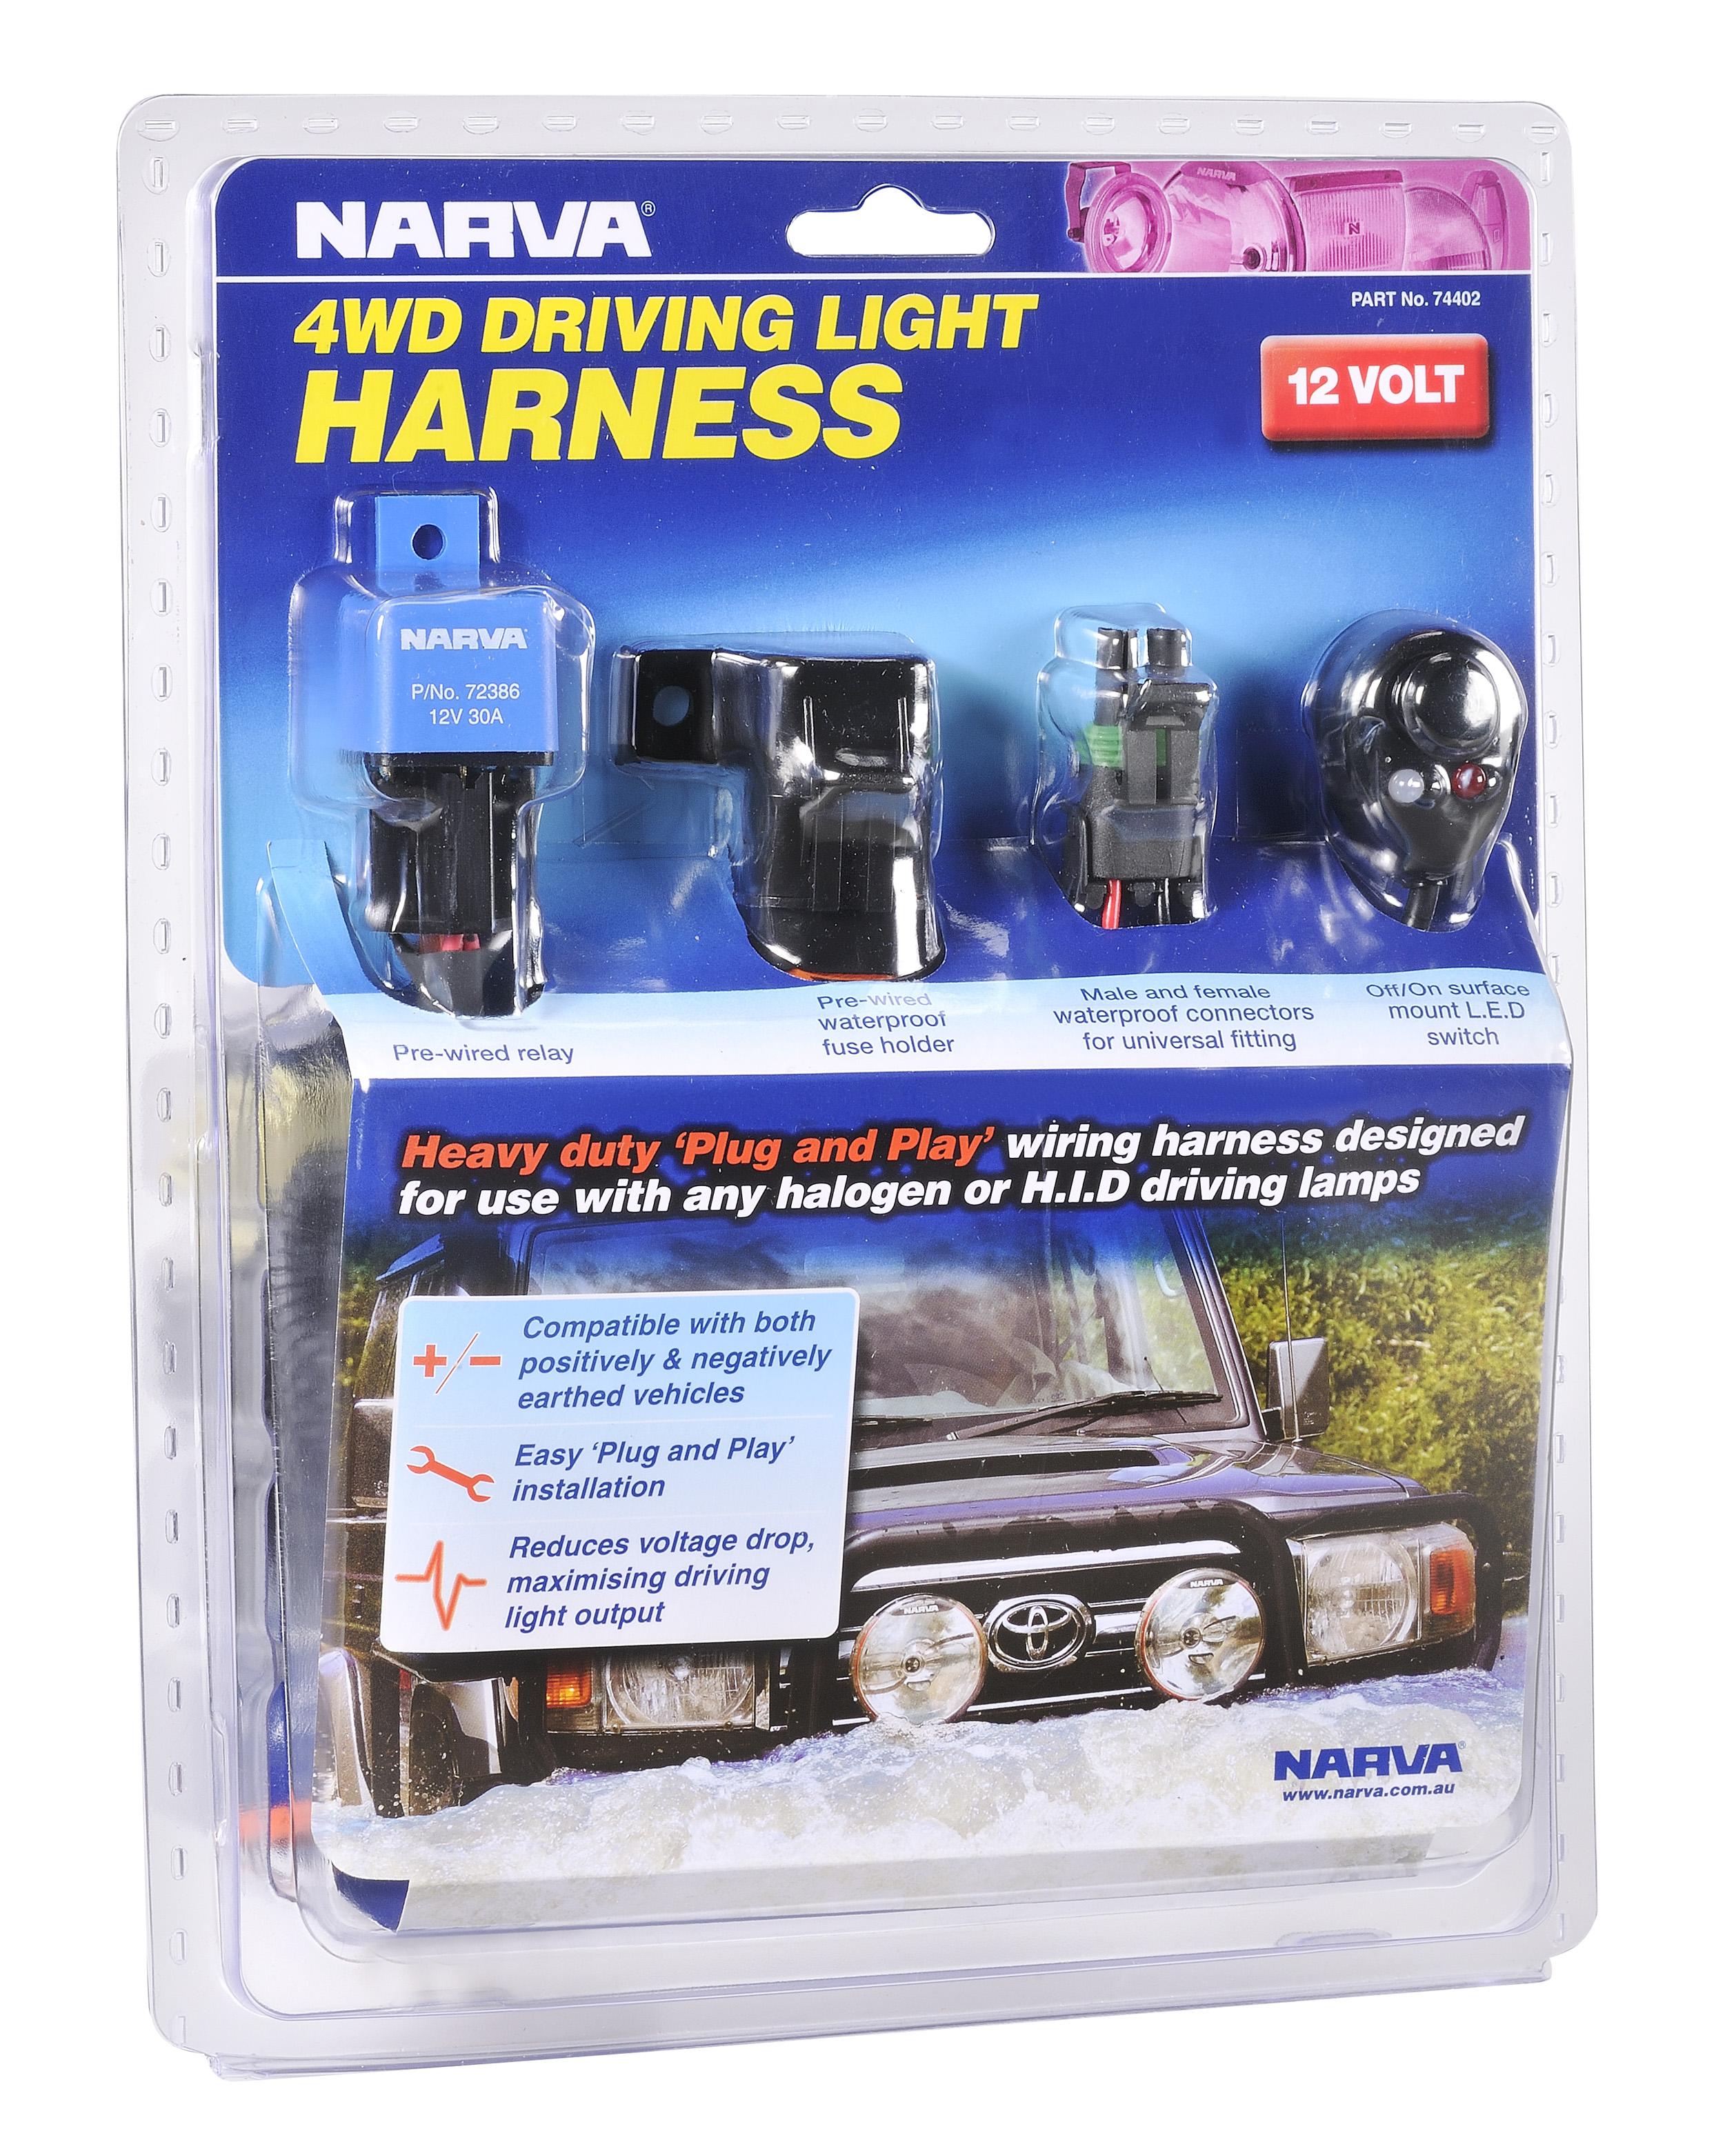 Narva Driving Light Harness 12V - 74402